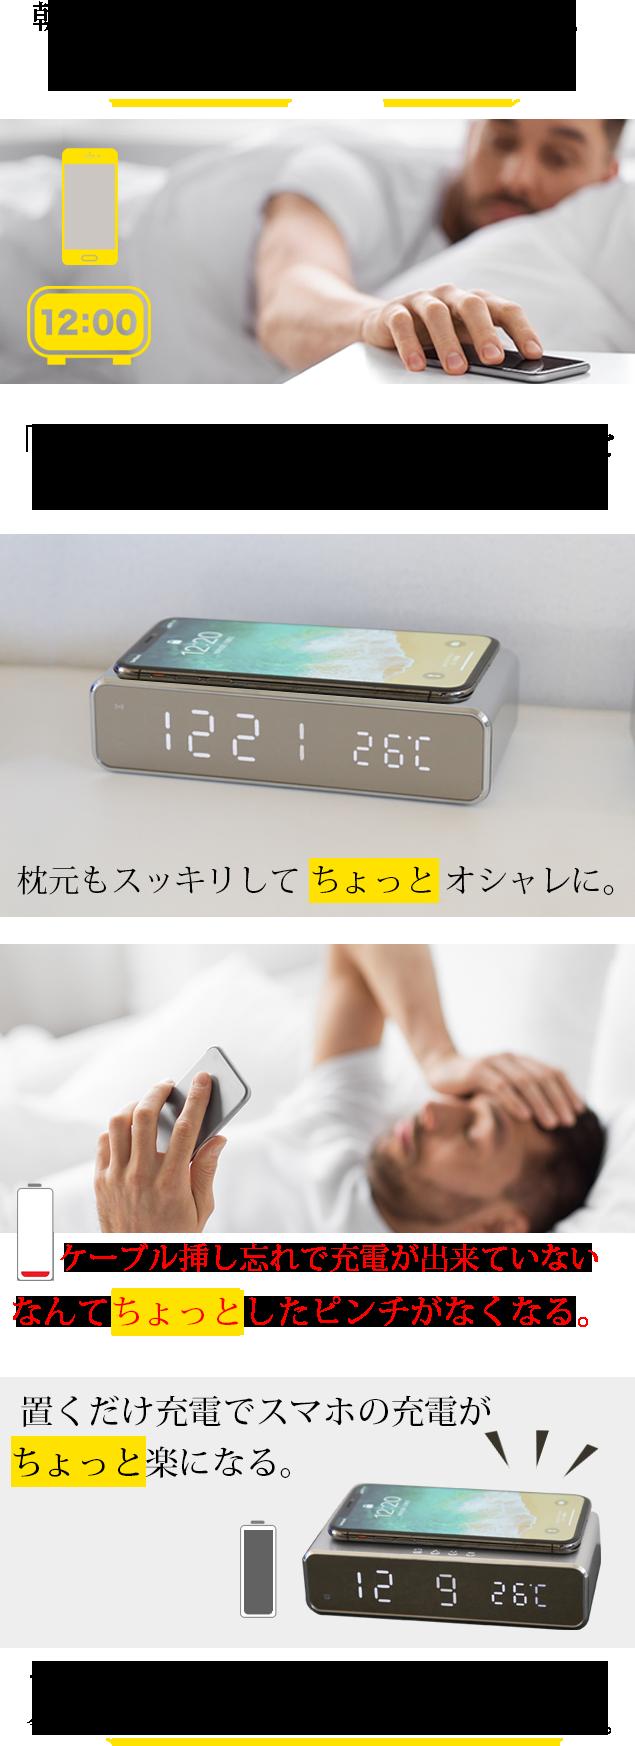 ワイヤレス充電時計